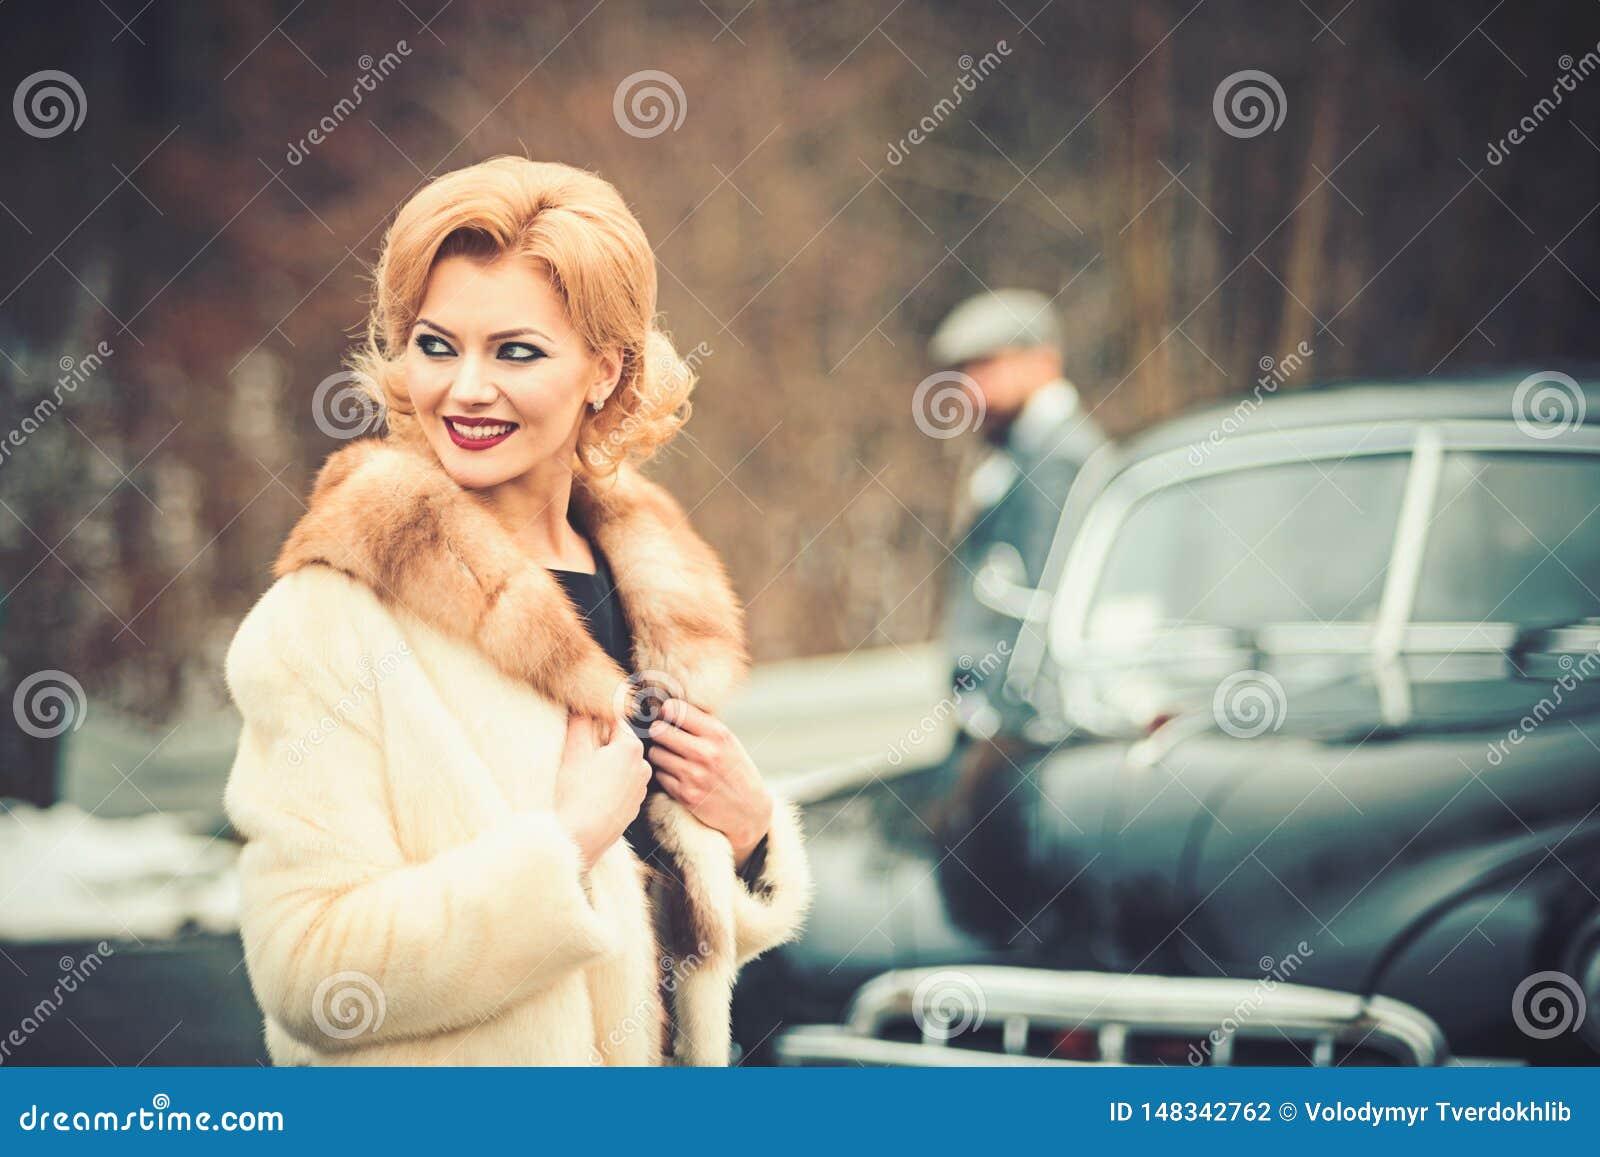 Η νύφη και ο νεόνυμφος στο αναδρομικό αυτοκίνητο r